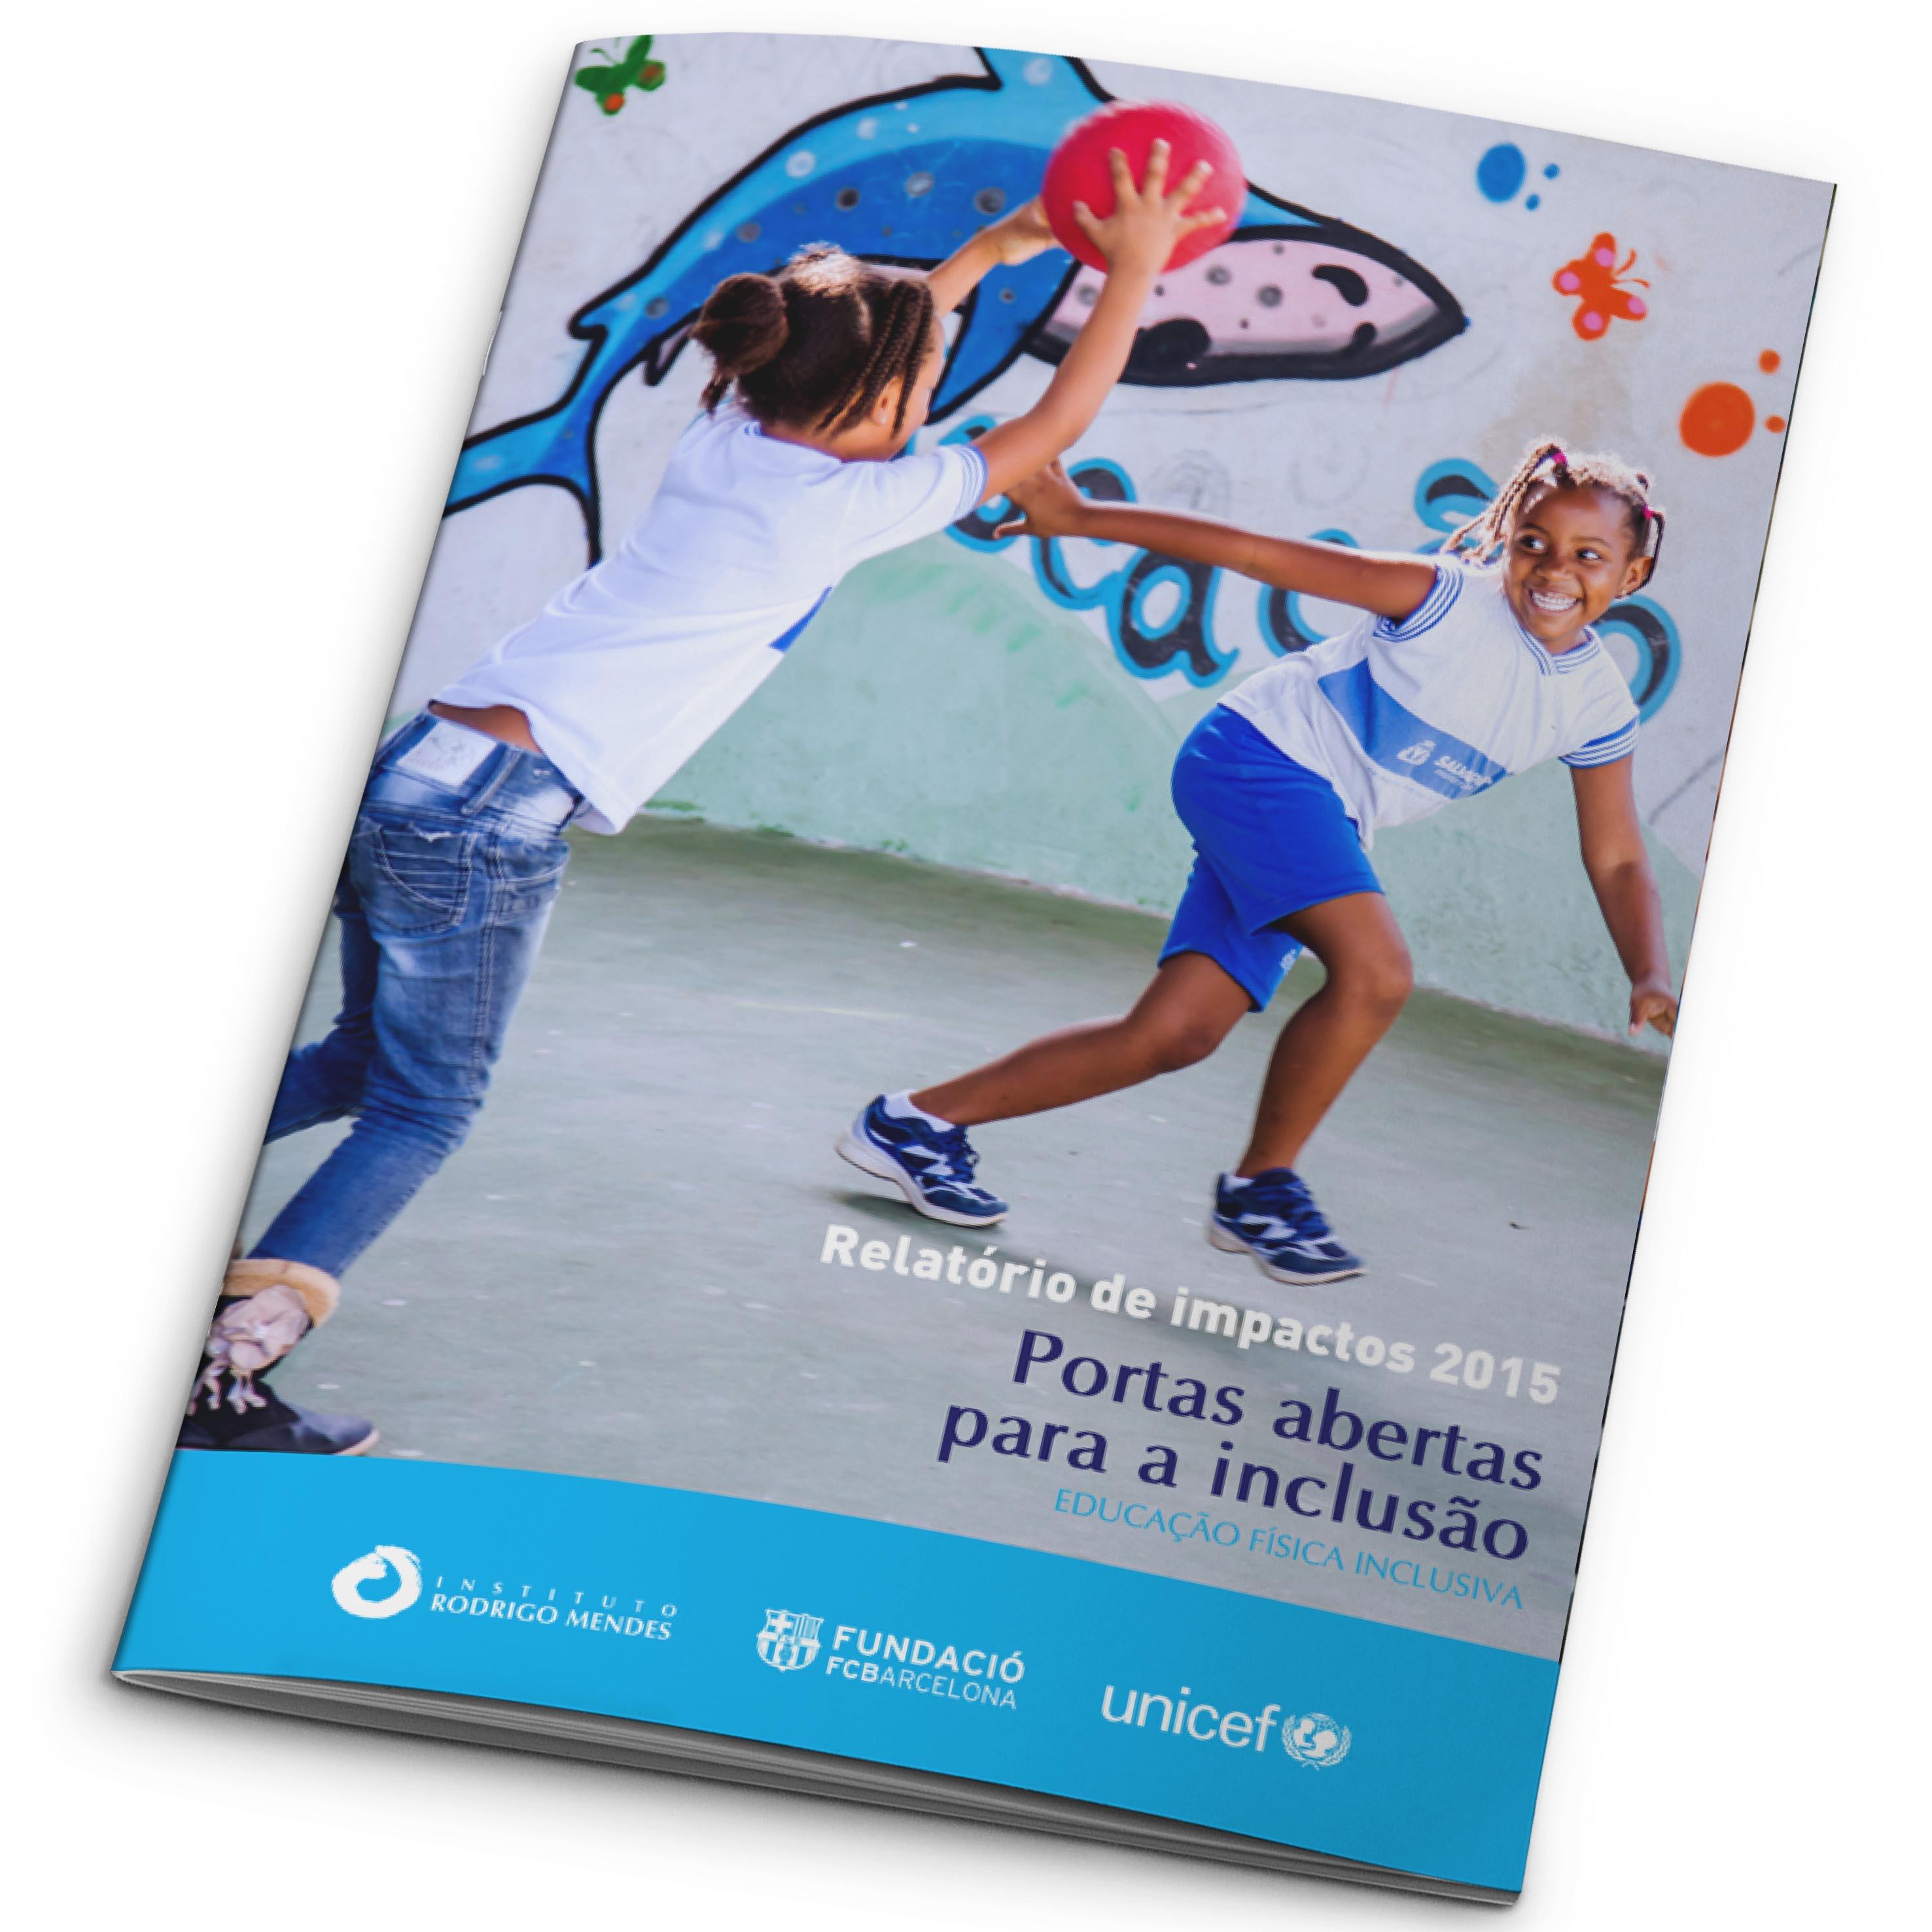 2015 - Relatório de impactos PAI